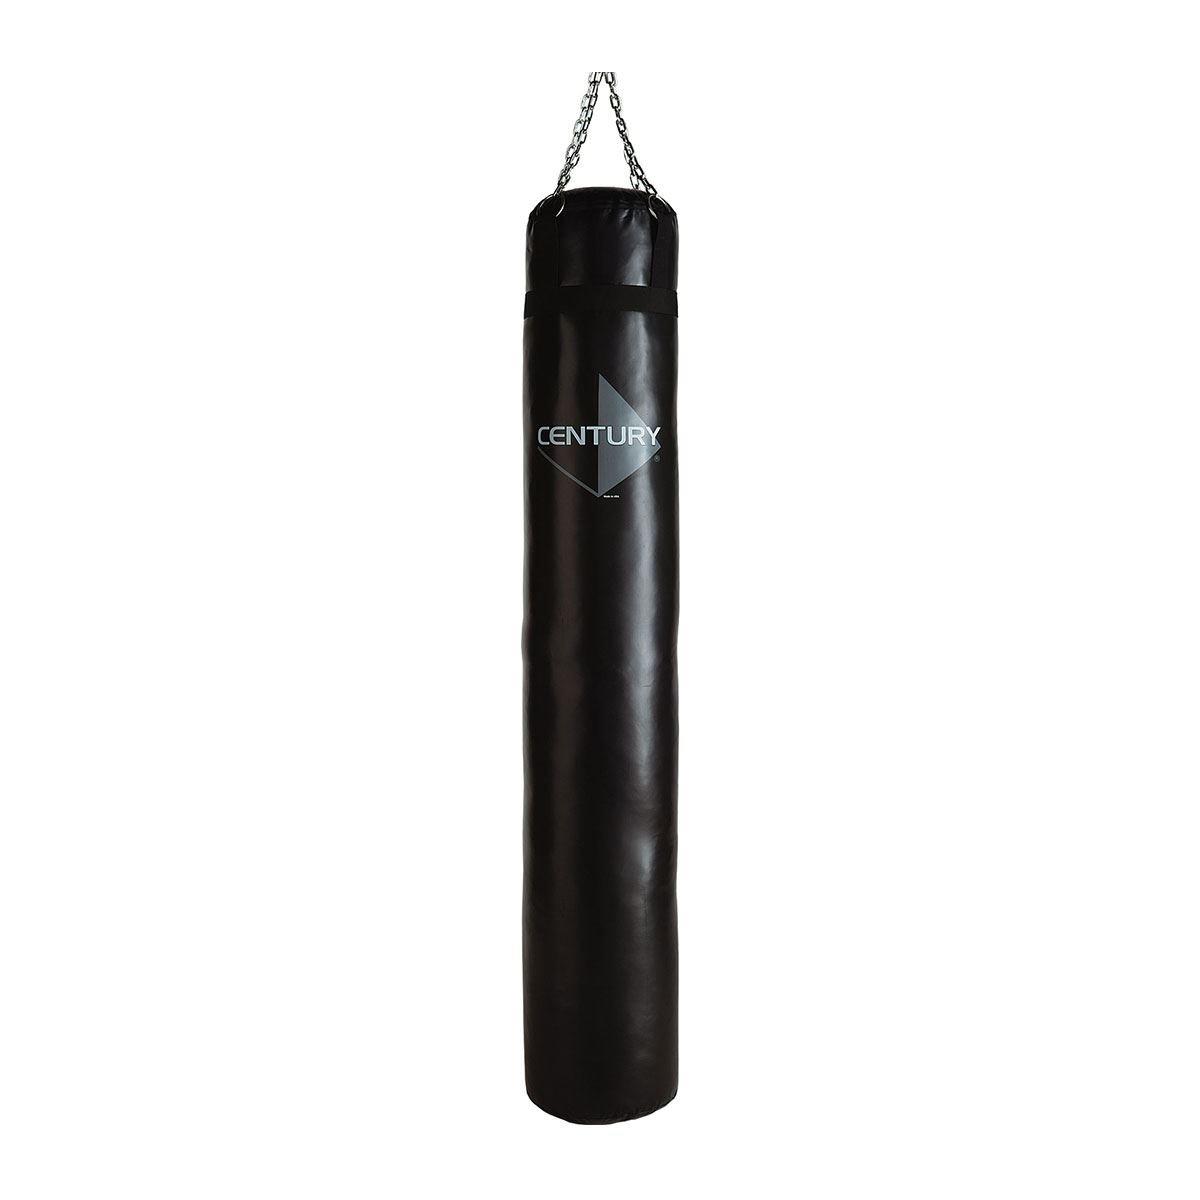 Century Martial Arts 100 lb. Muay Thai Heavy Bag